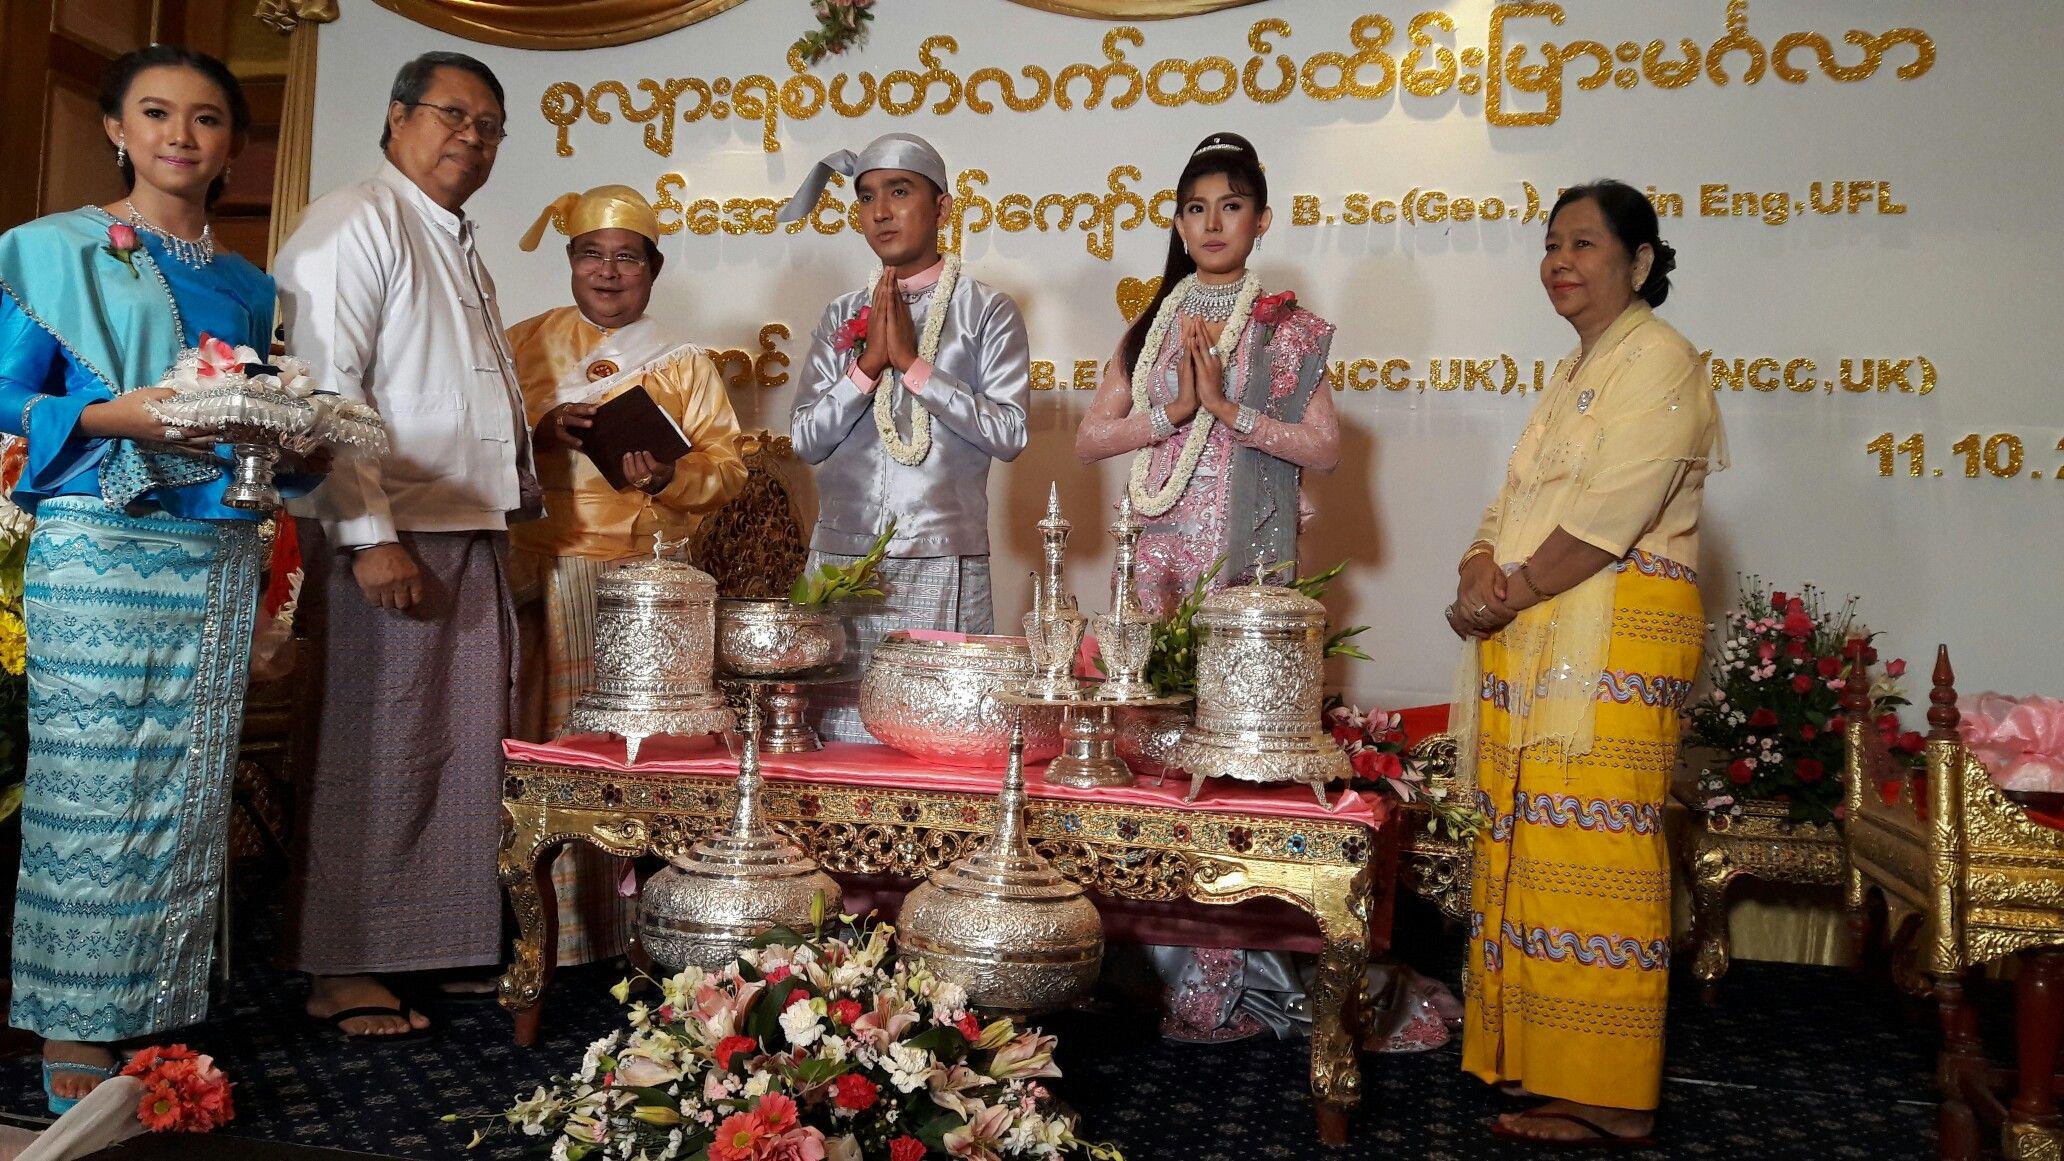 Bride And Groom Myanmar Traditional Wedding Ceremony Wedding Ceremony Traditions Hills Resort Traditional Wedding